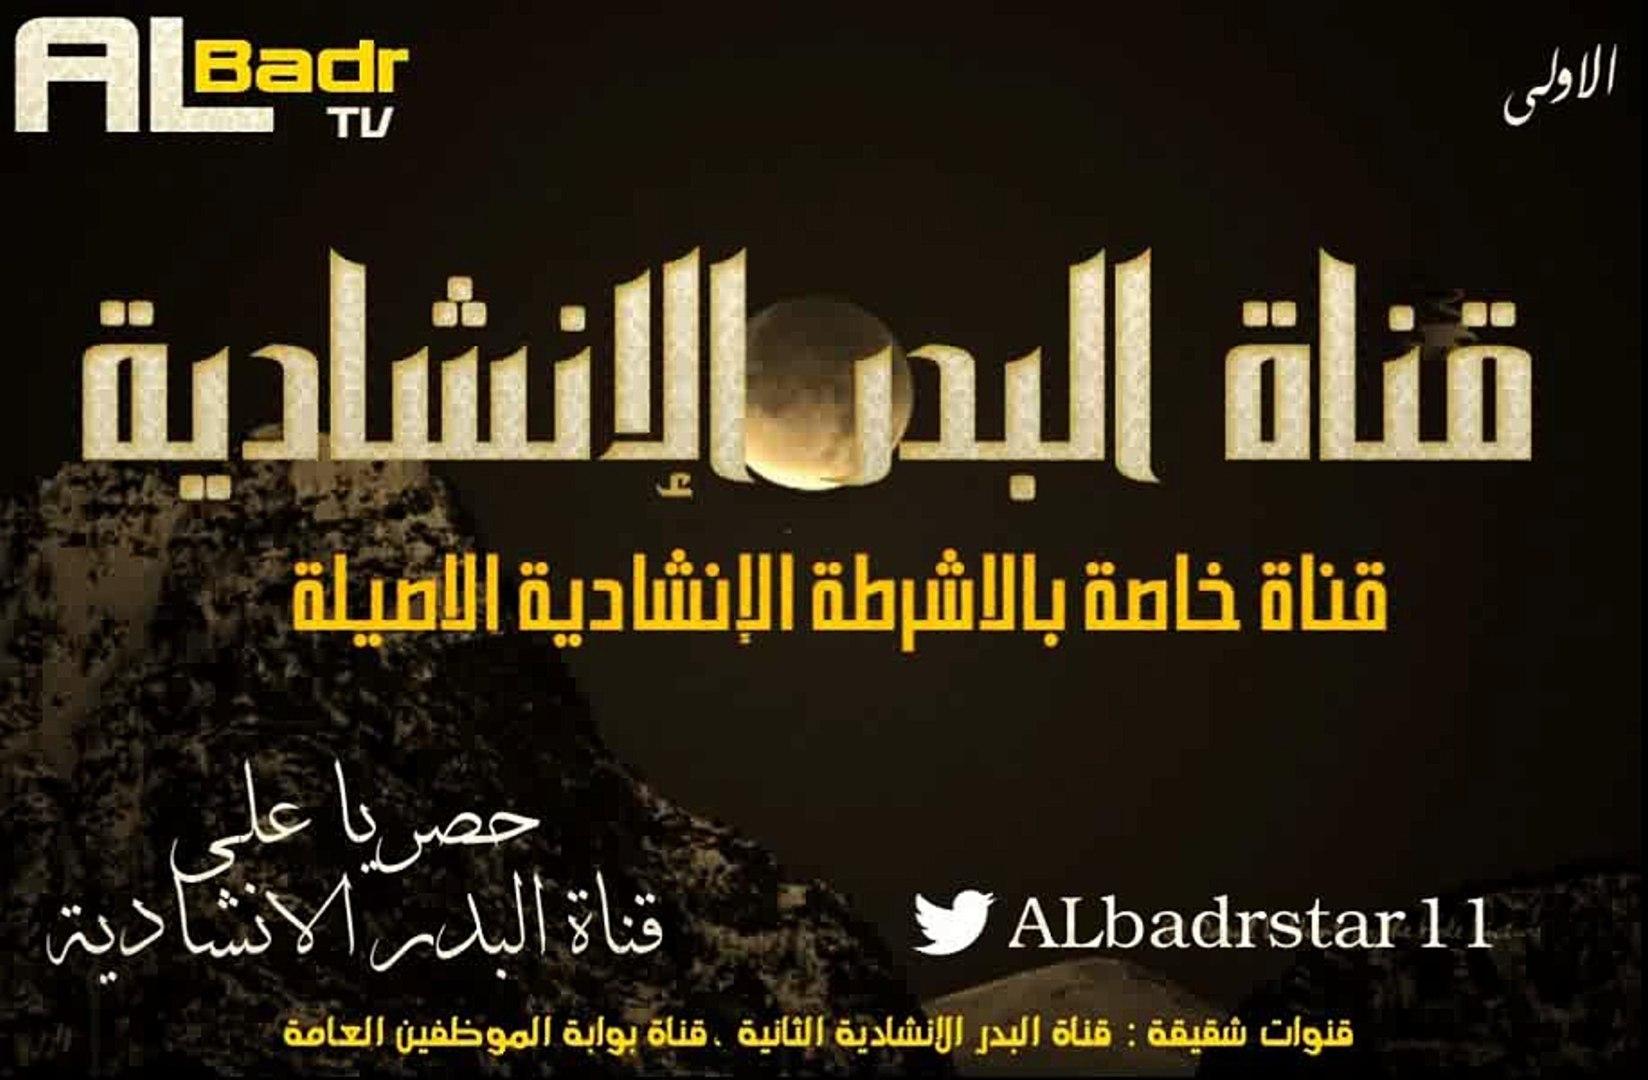 نشيد أحب الله والإسلام والقرآن والجنة ... اناشيد البحرين الاول